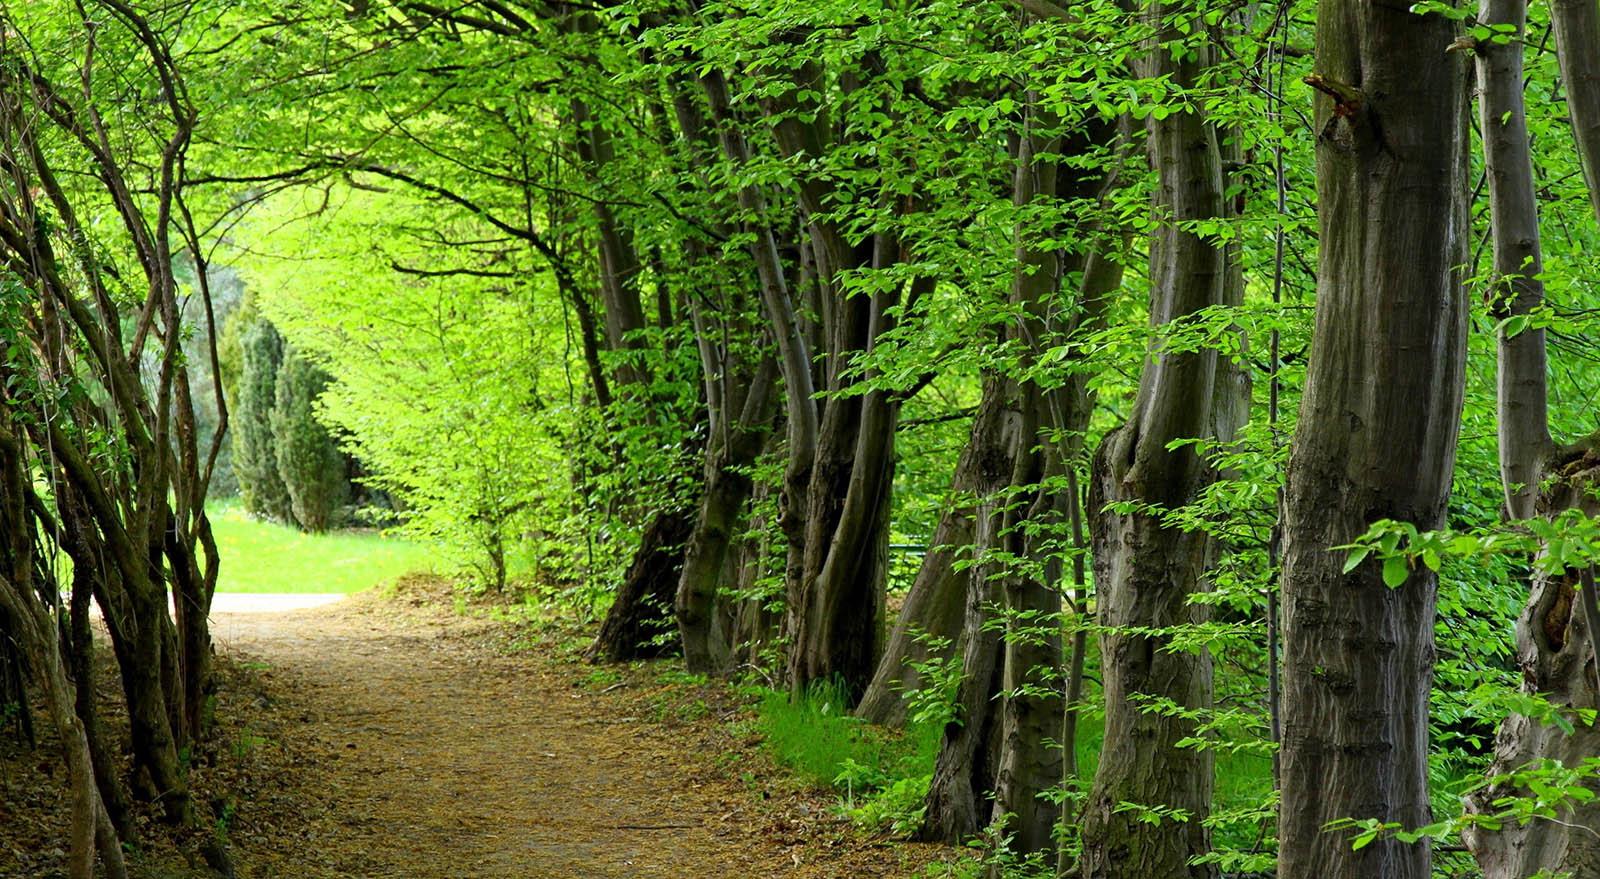 حديقة سي سنكان الغابية في شمال إيران